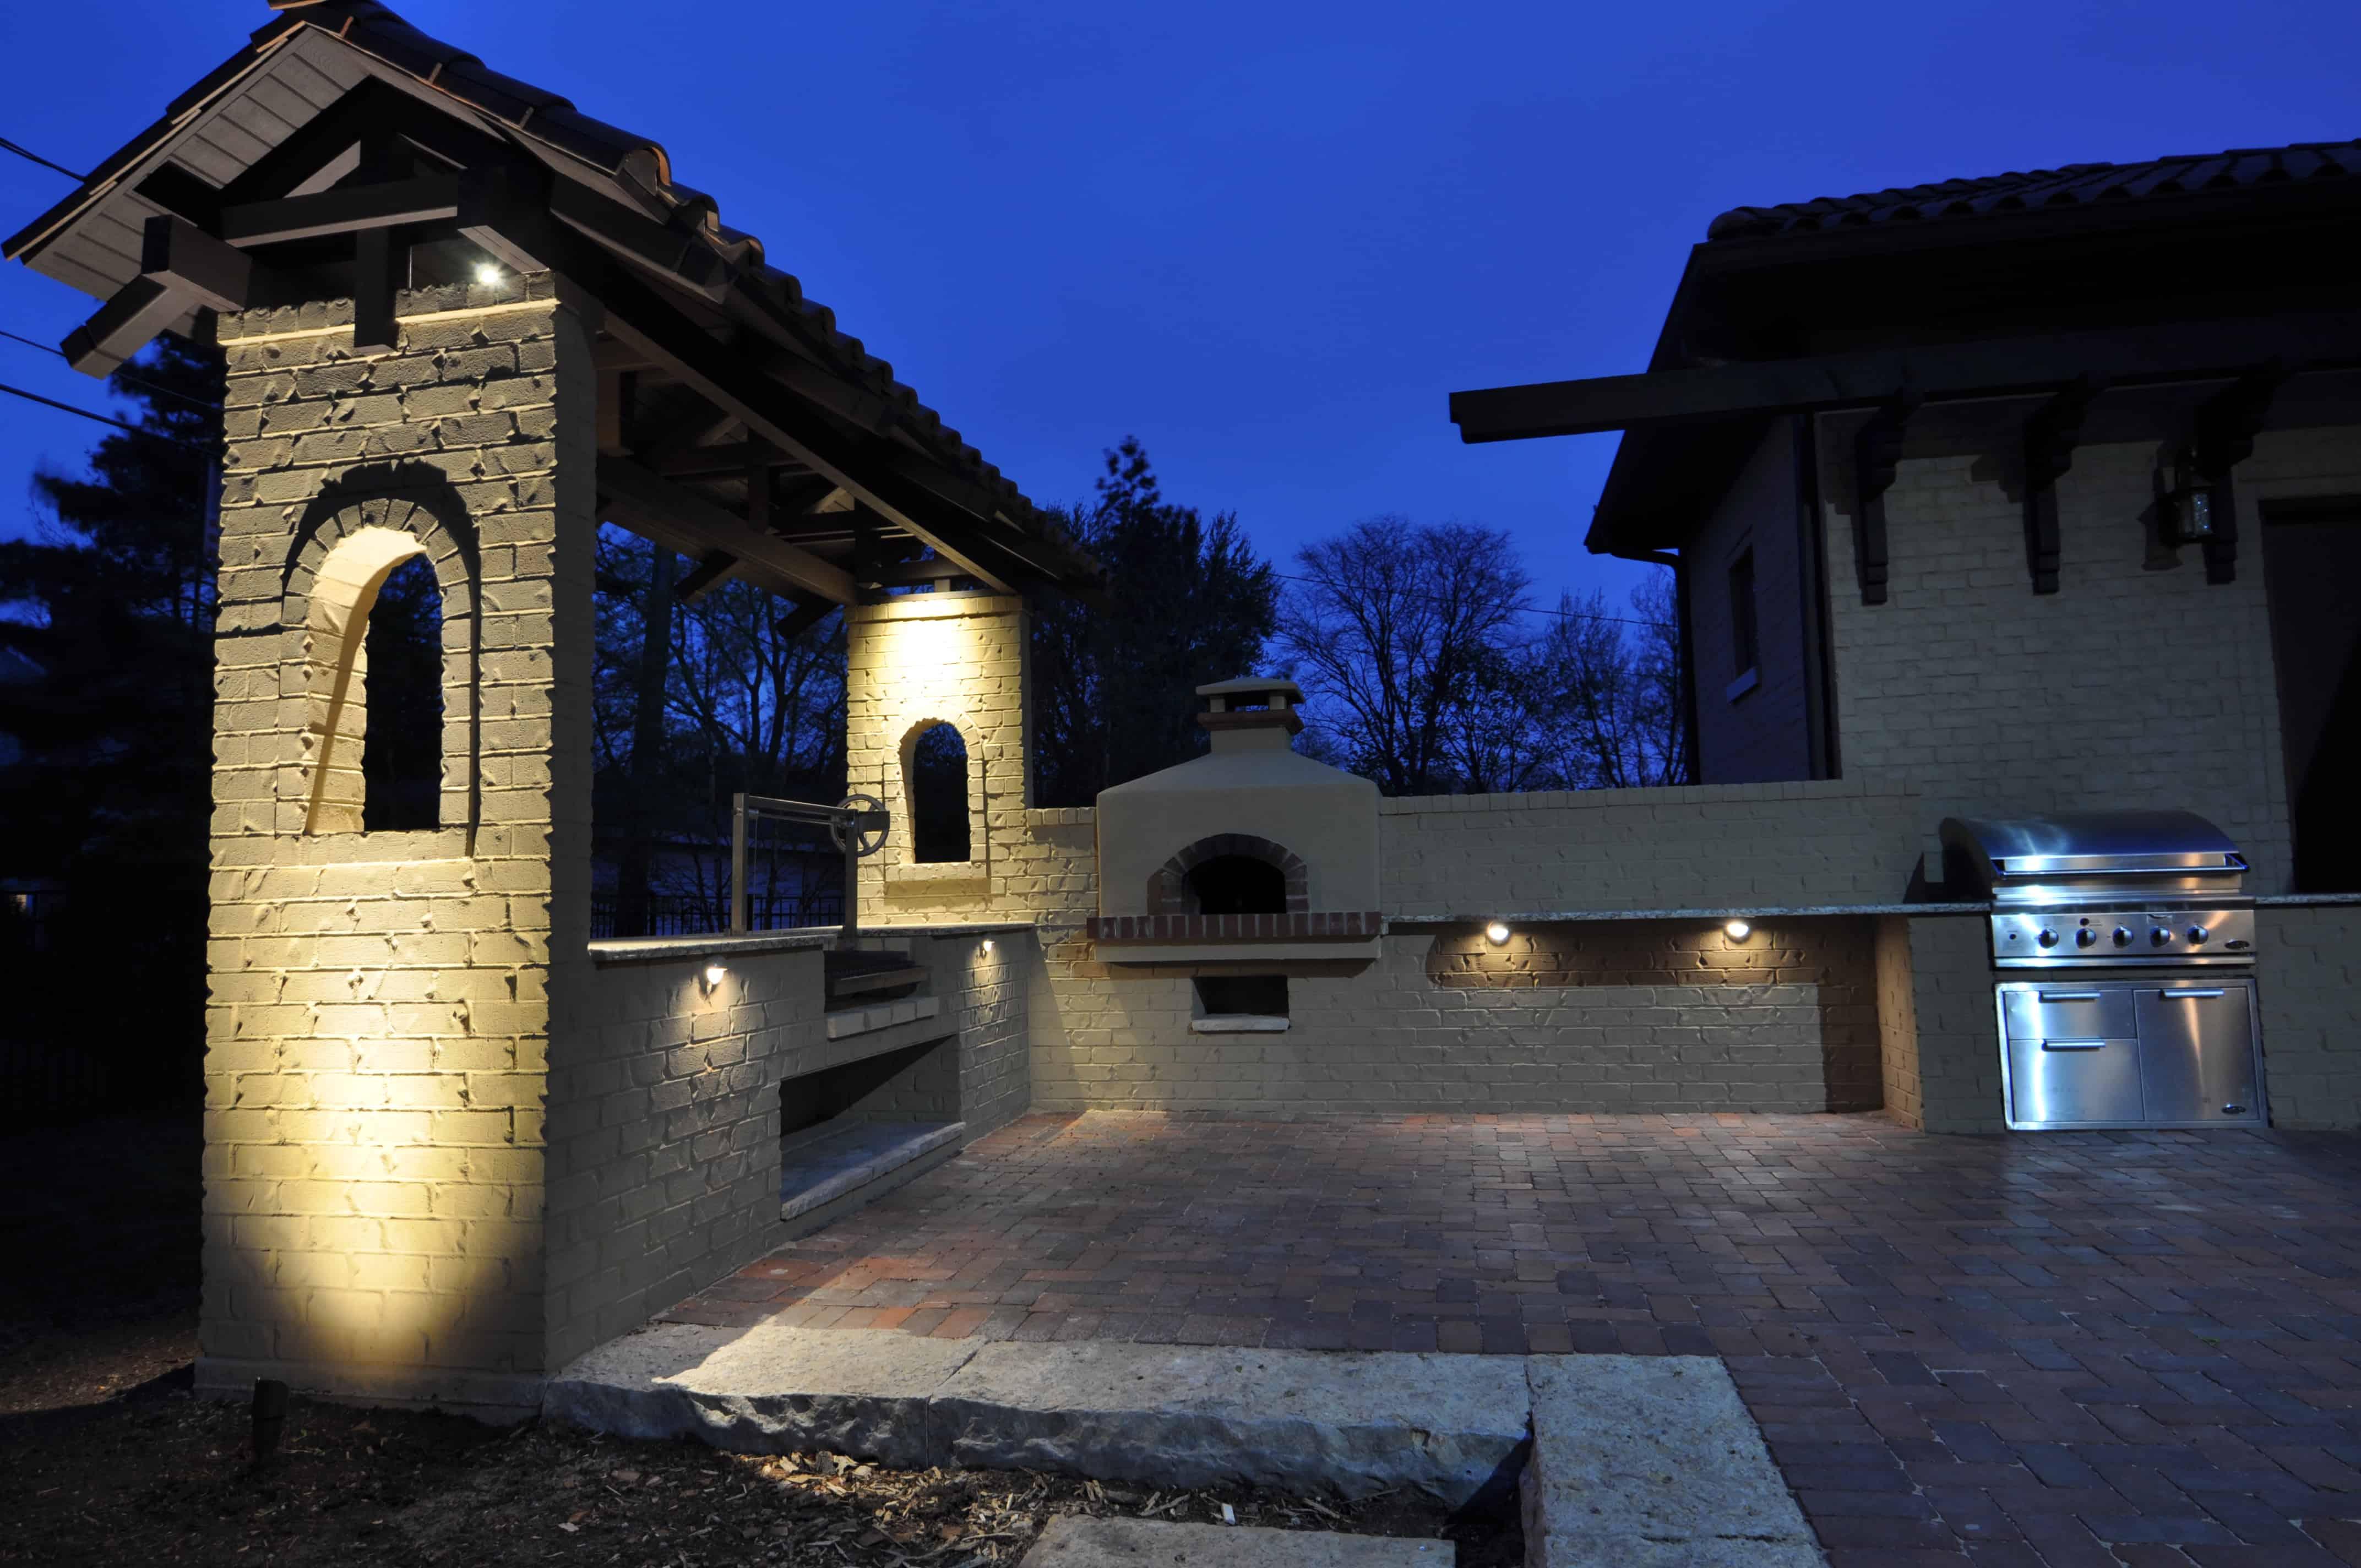 Western Springs Outdoor Kitchen Lighting - Outdoor Lighting ...